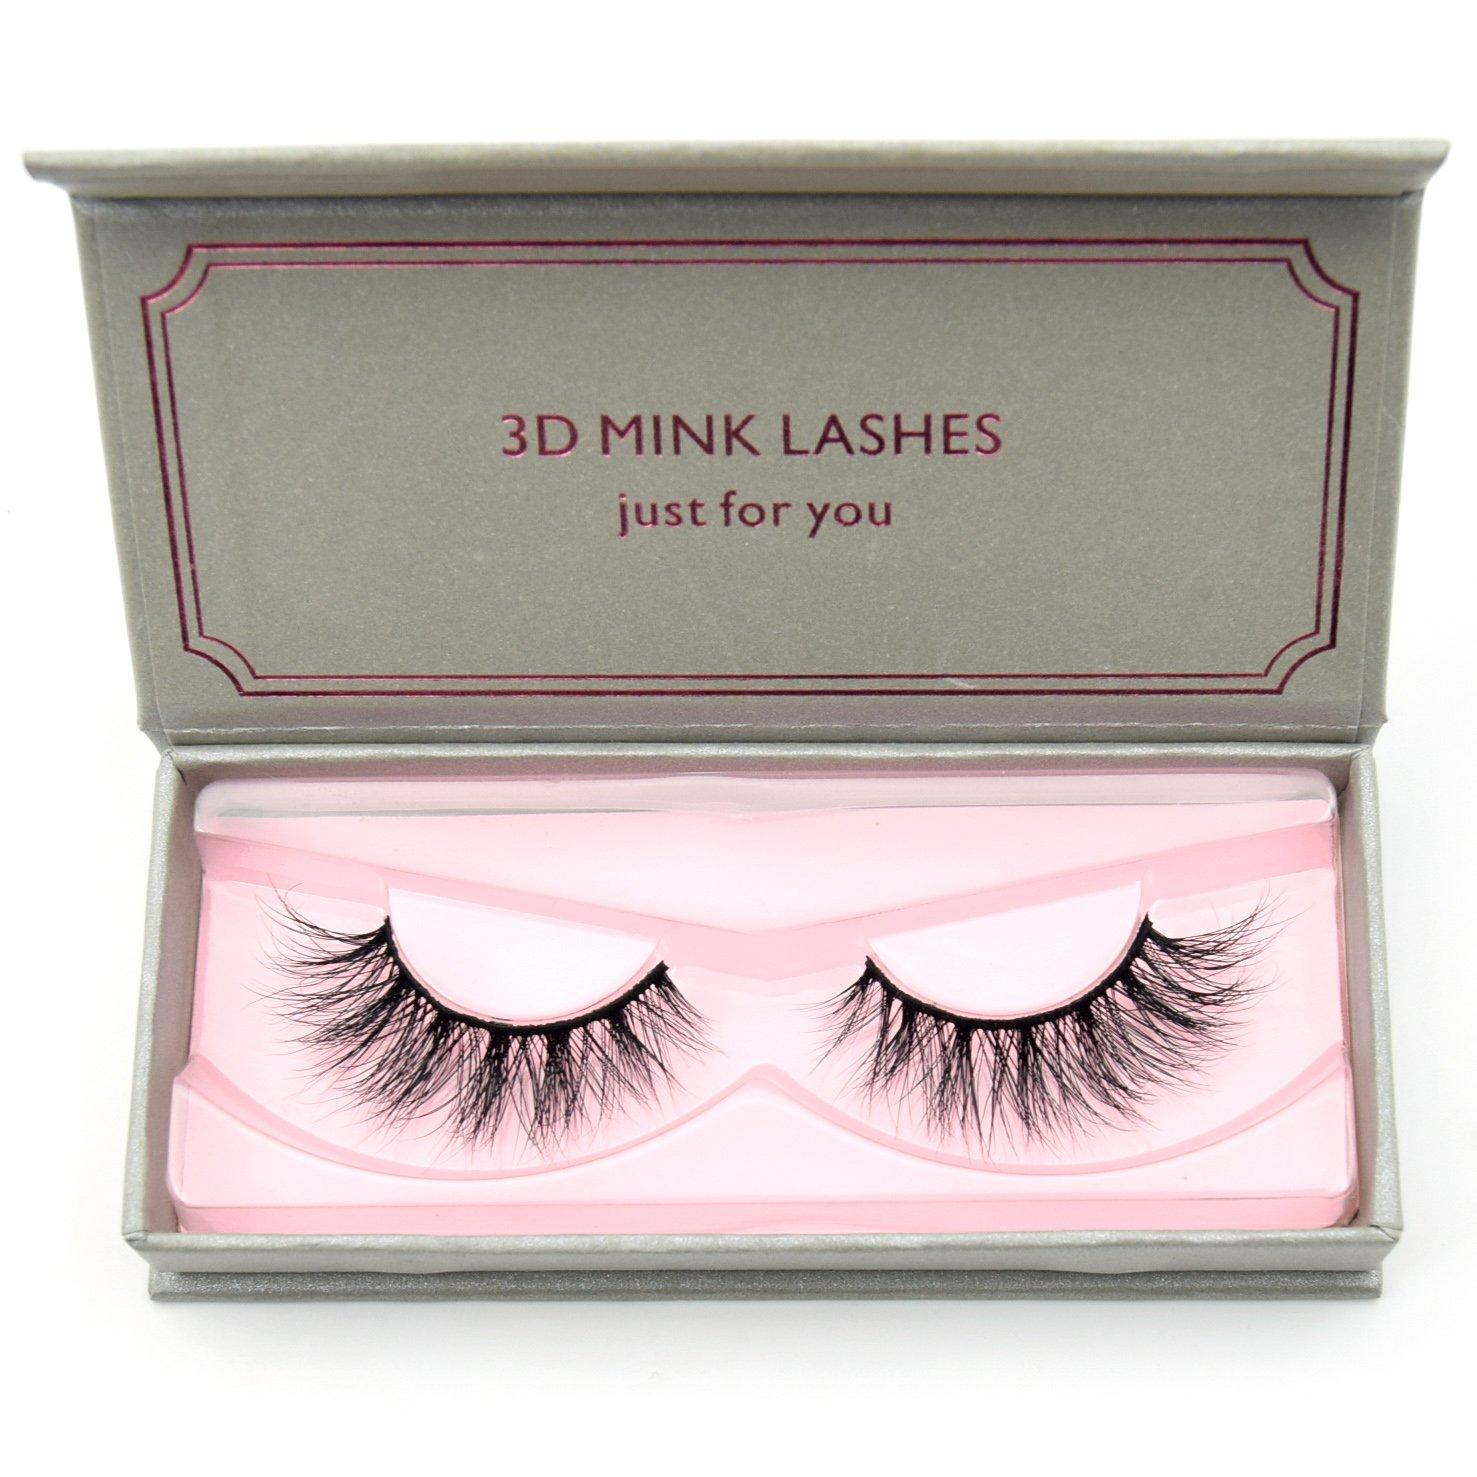 dbc0d215515 Amazon.com : Visofree Eyelashes Mink Eyelashes Cruelty-free Medium Volume  3D Mink Strip Eyelashes Natural False Eyelashes (E01) : Beauty